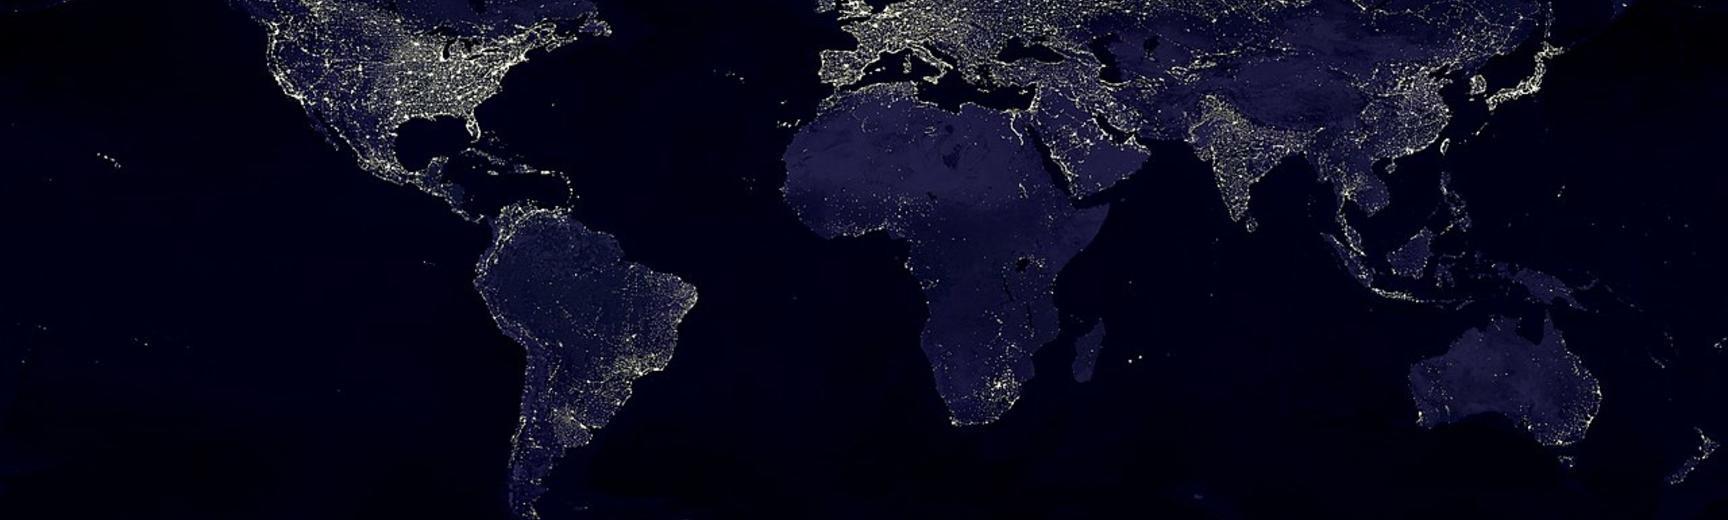 world large